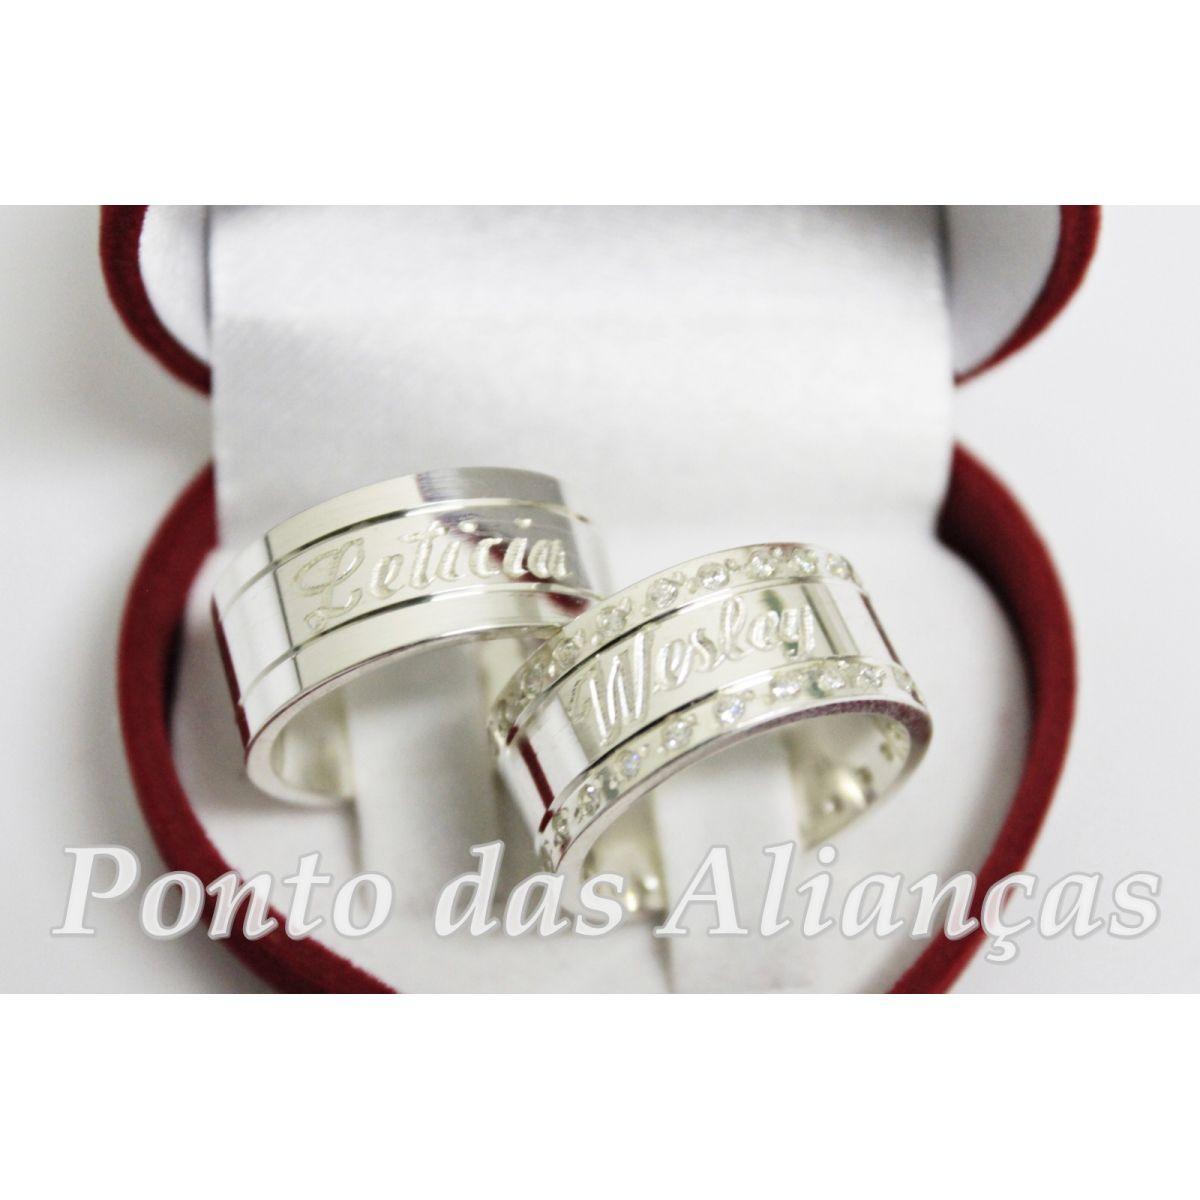 Alianças de Prata Compromisso - 1004